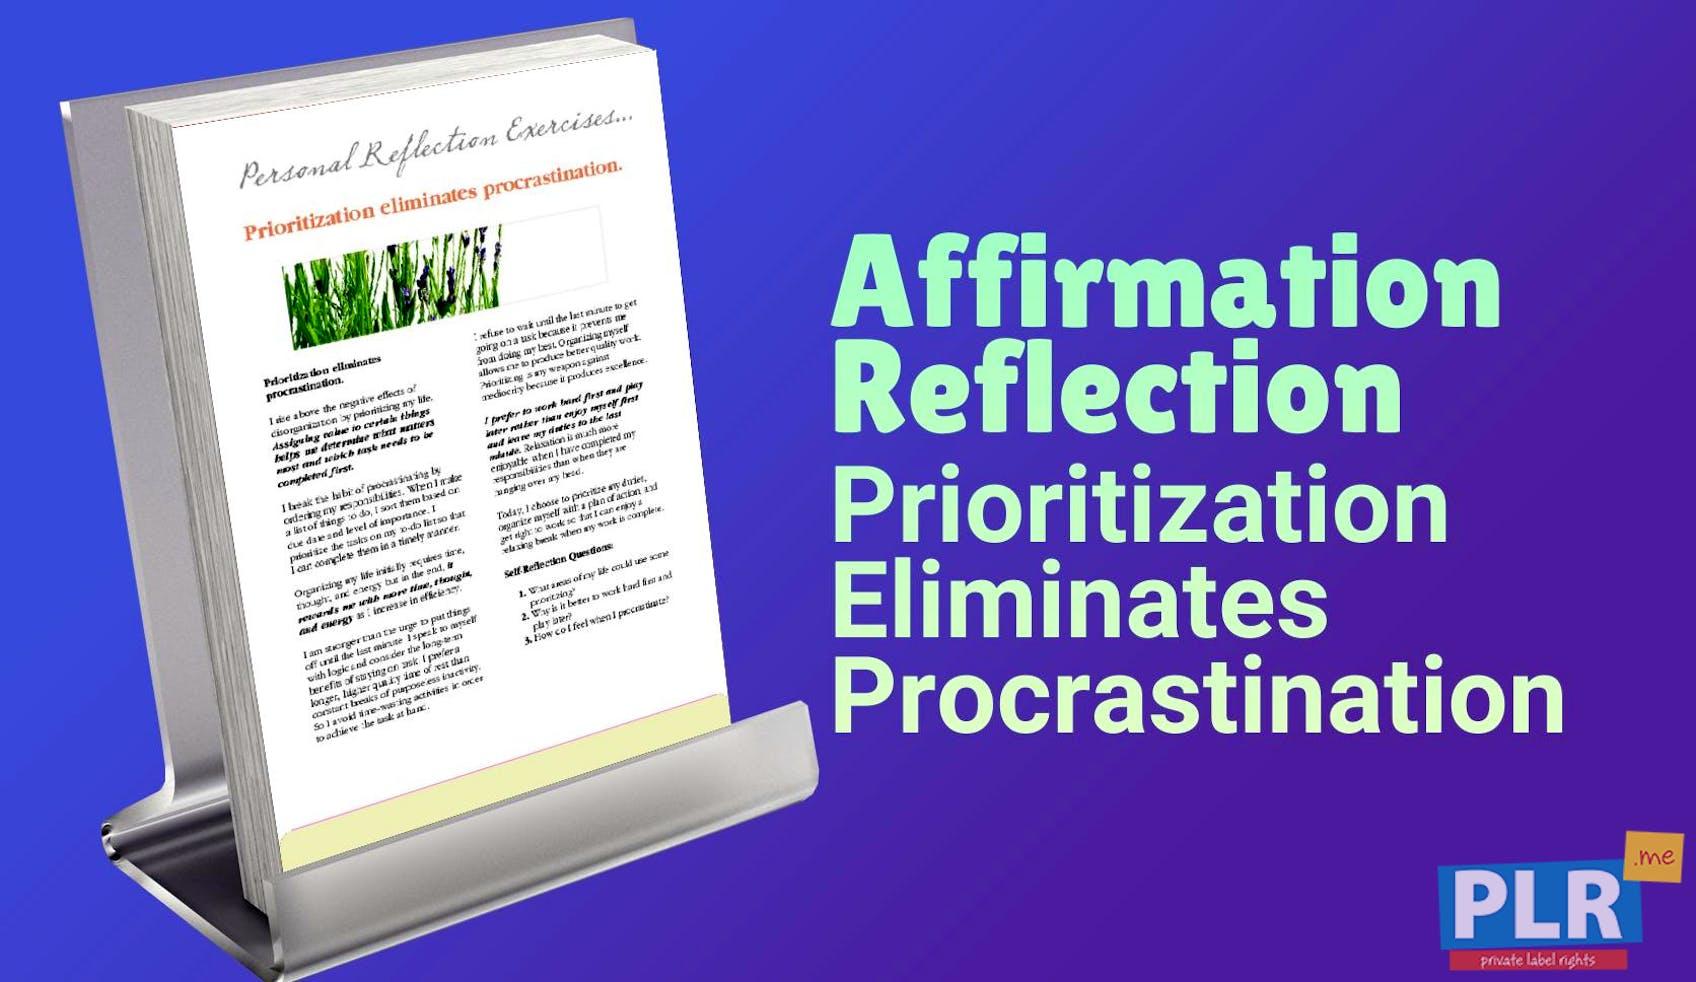 Prioritization Eliminates Procrastination